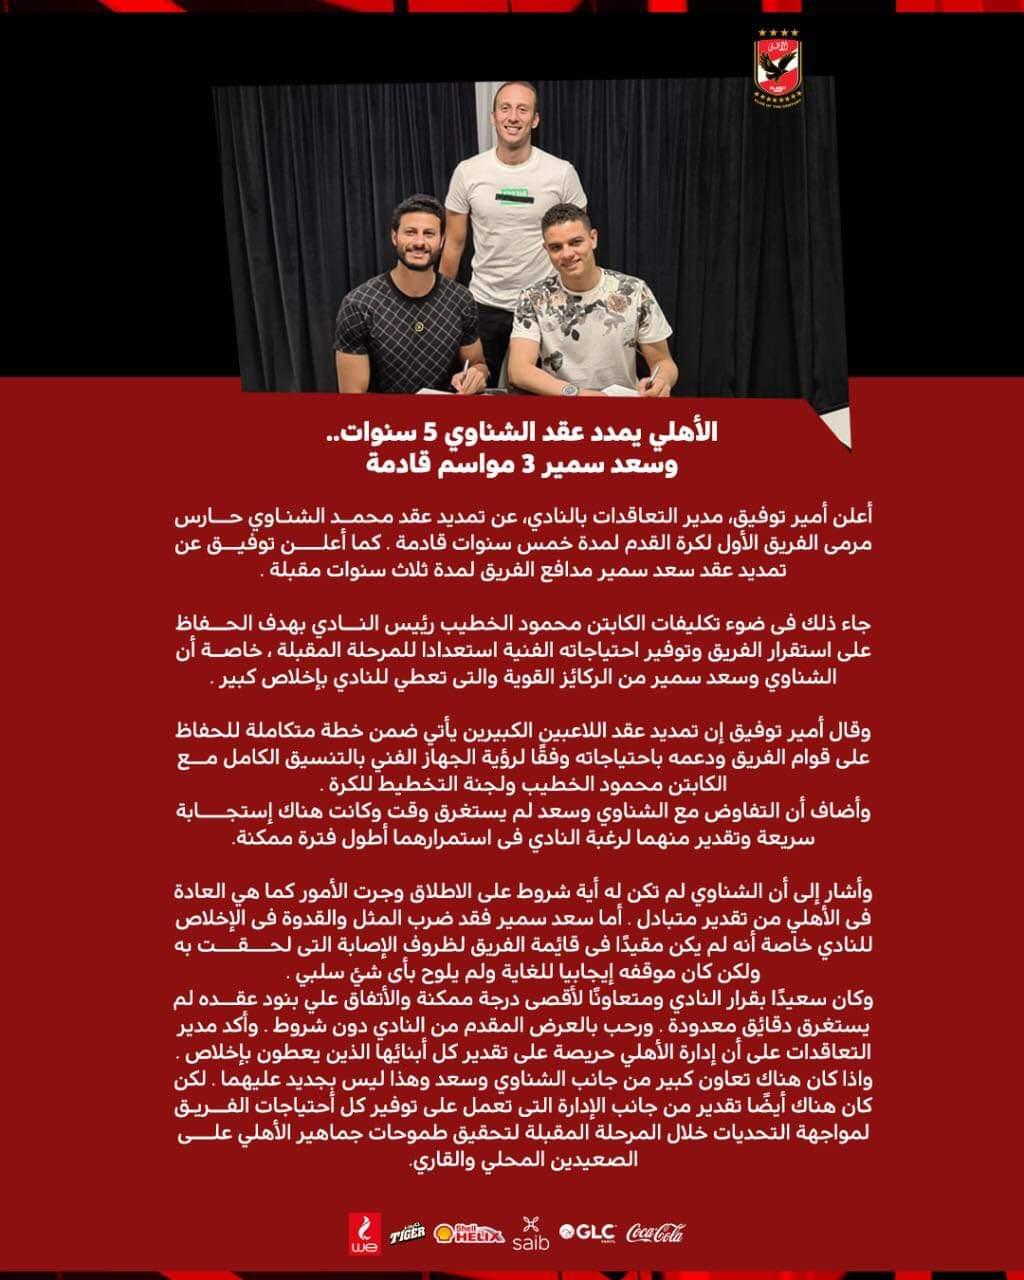 الاهلي: تمديد عقود سعد سمير والشناوي